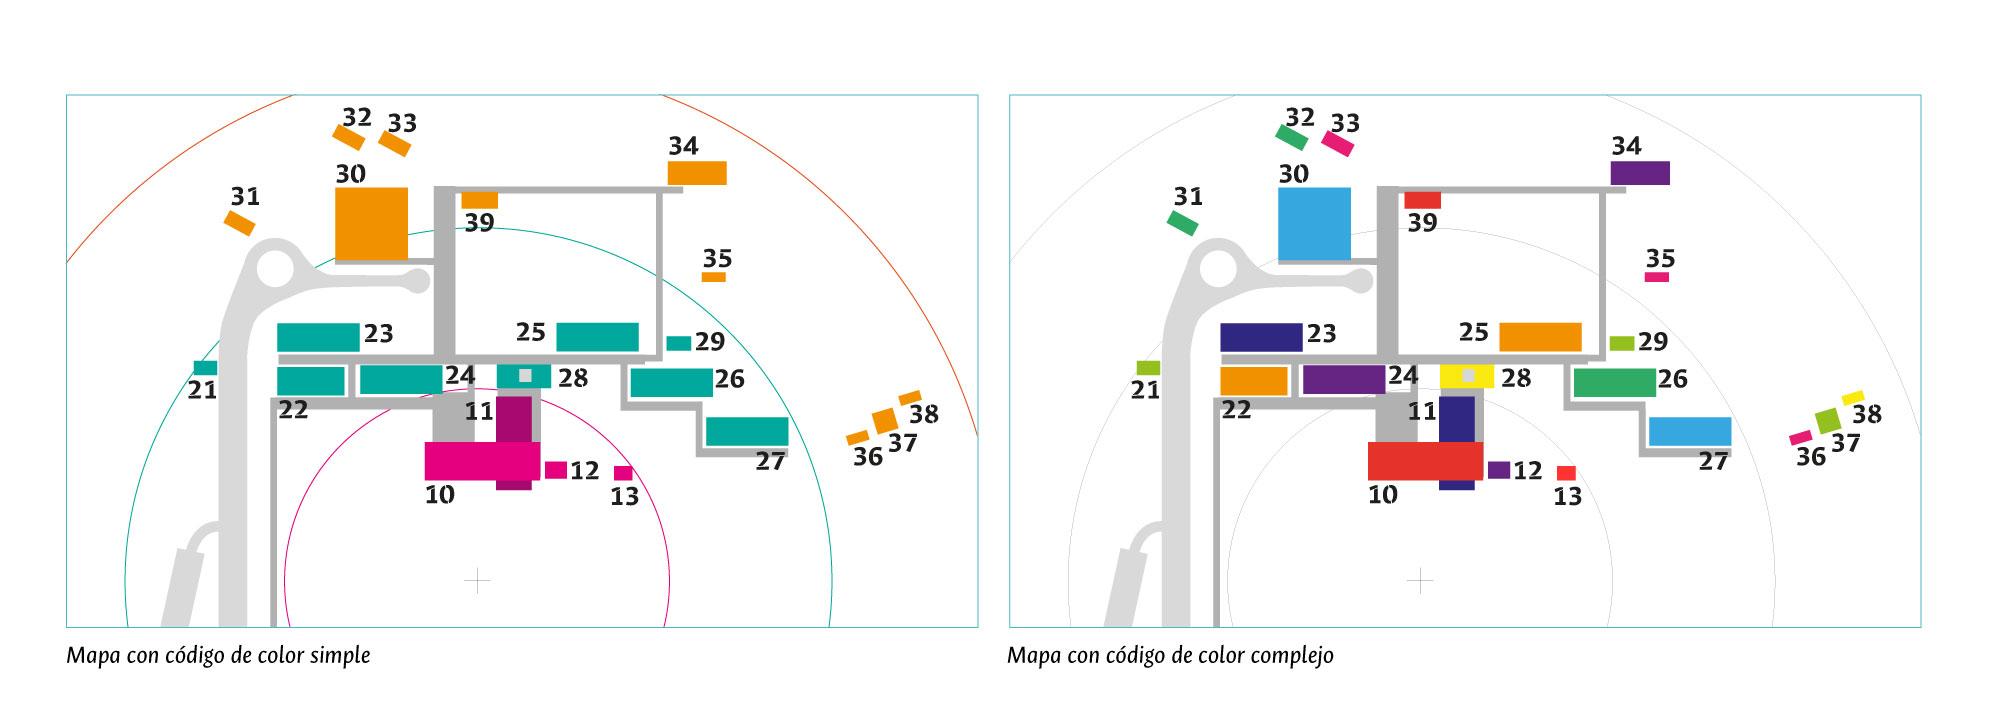 Muchas veces las normativas recomiendan usar distintos colores para mapas ¿esto necesariamente ayuda a la orientación o hace más difícil de memorizar el código?